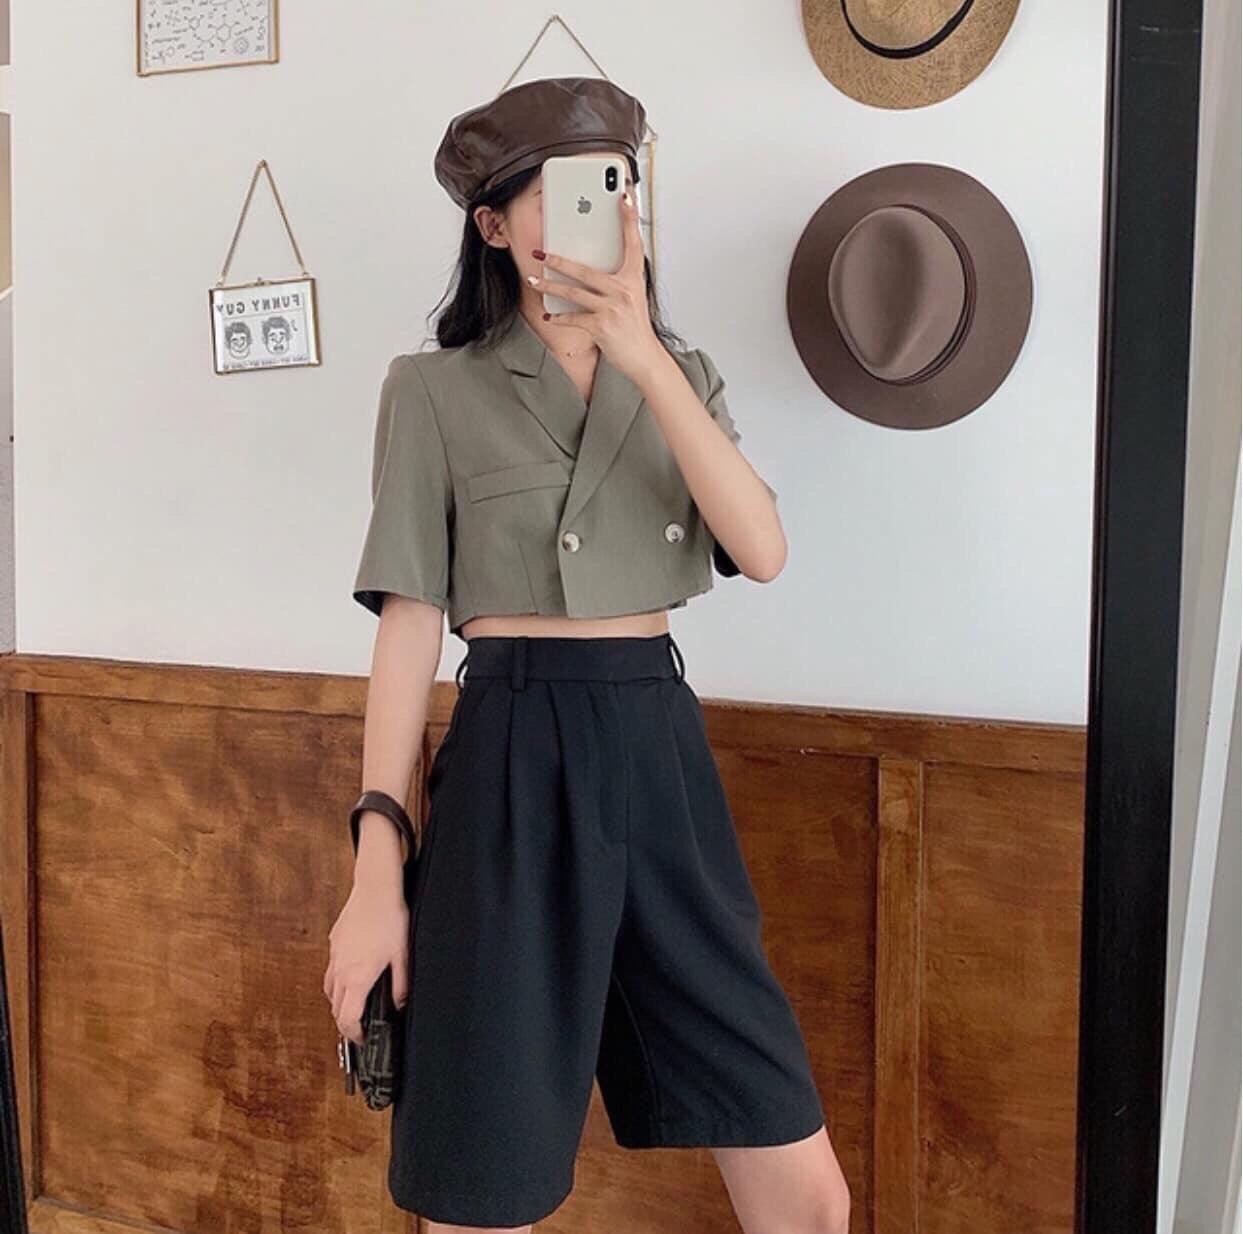 Set đồ bộ áo somi dáng ngắn croptop quần lửng ống rộng đẹp giá rẻ teen hotgirl trẻ trung cá tính dạo phố nữ sinh